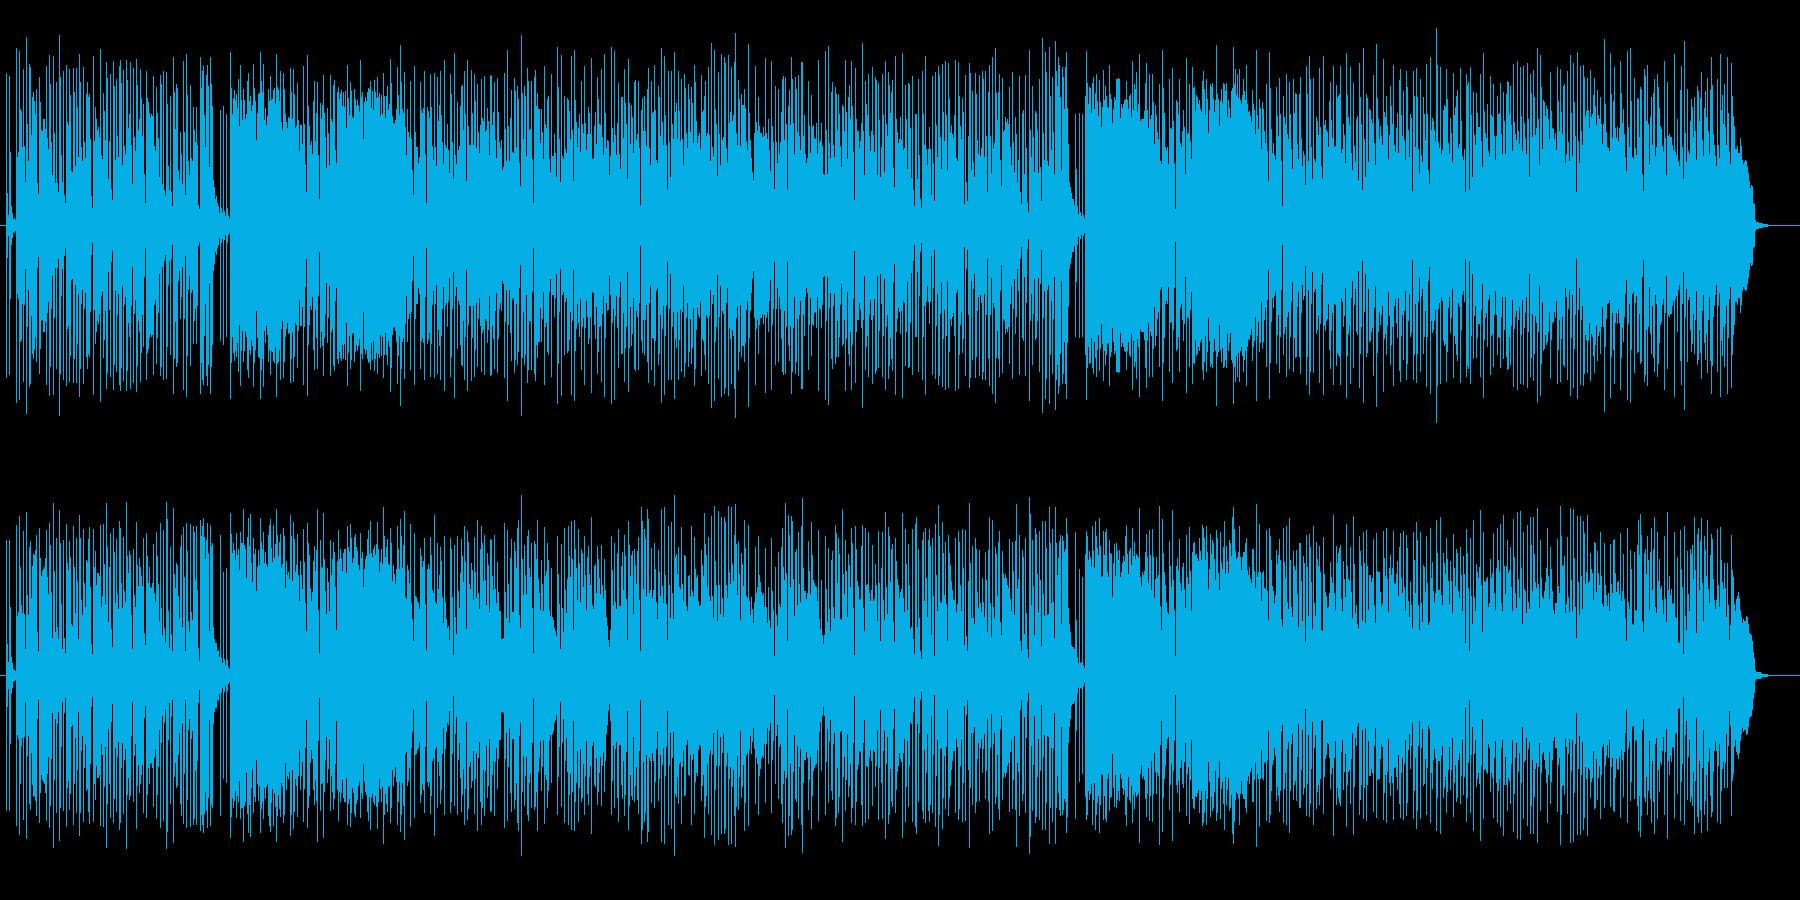 可愛いいスローテンポのシンセサイザーの曲の再生済みの波形